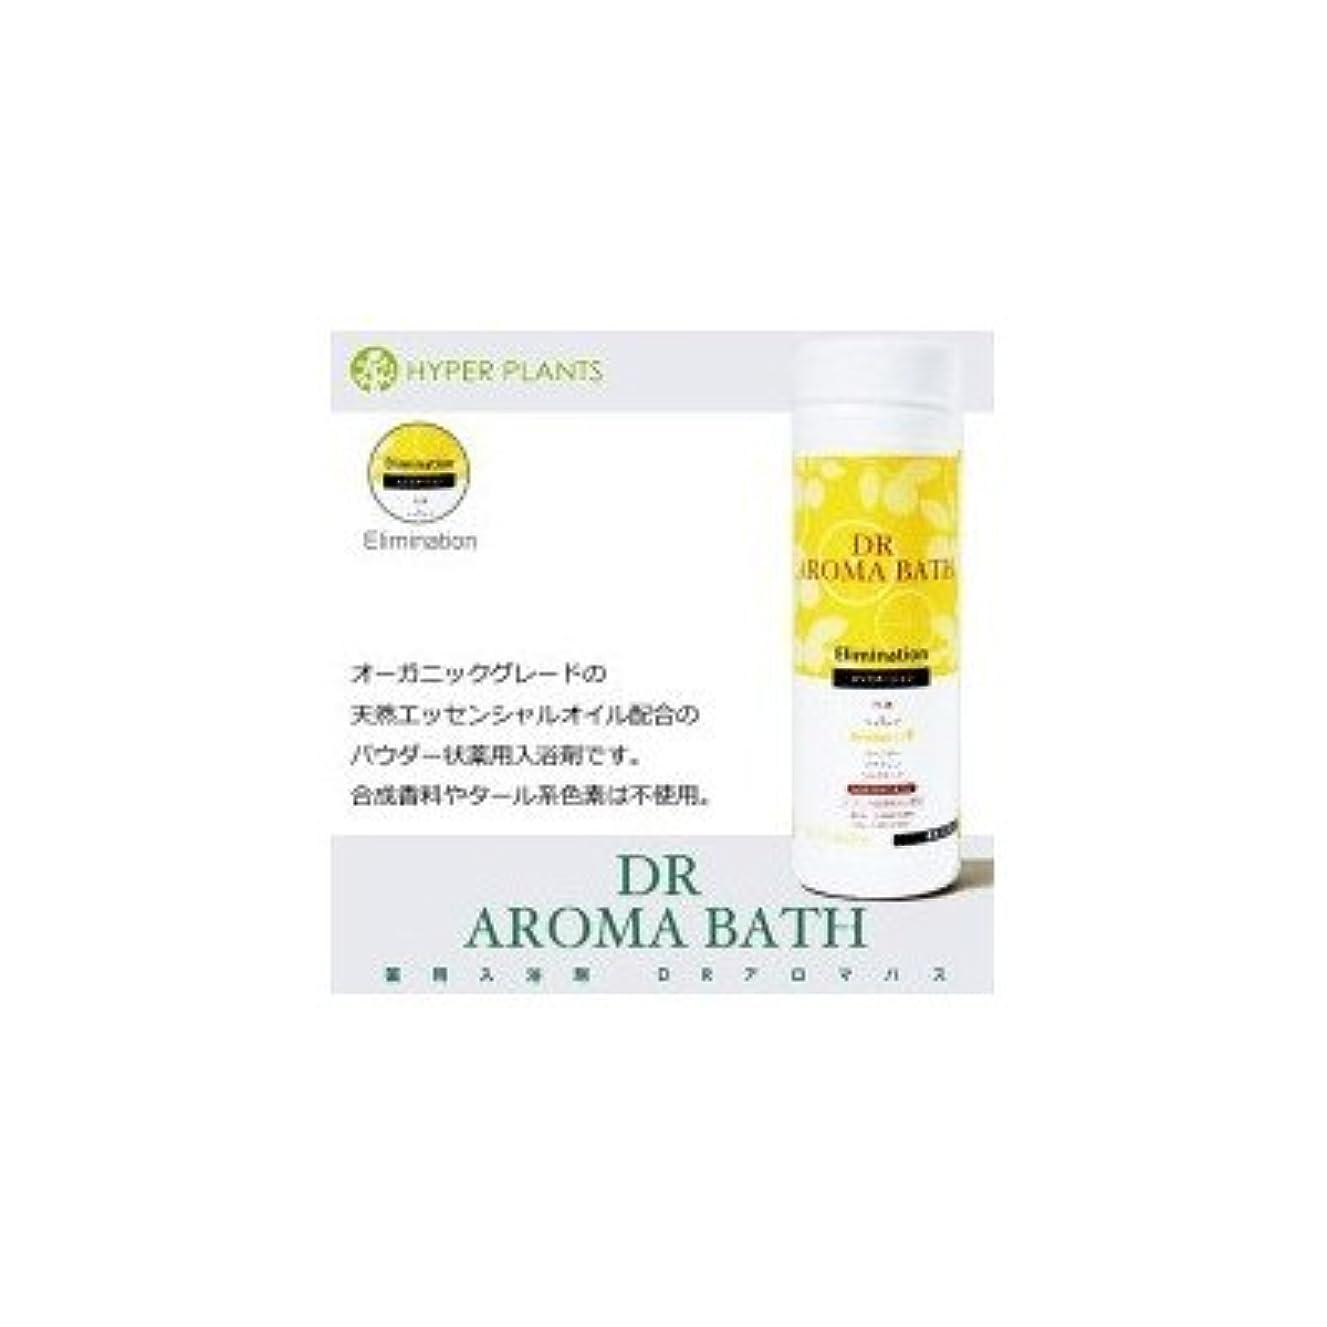 レインコート困惑評決医薬部外品 薬用入浴剤 ハイパープランツ(HYPER PLANTS) DRアロマバス エリミネーション 500g HNB006